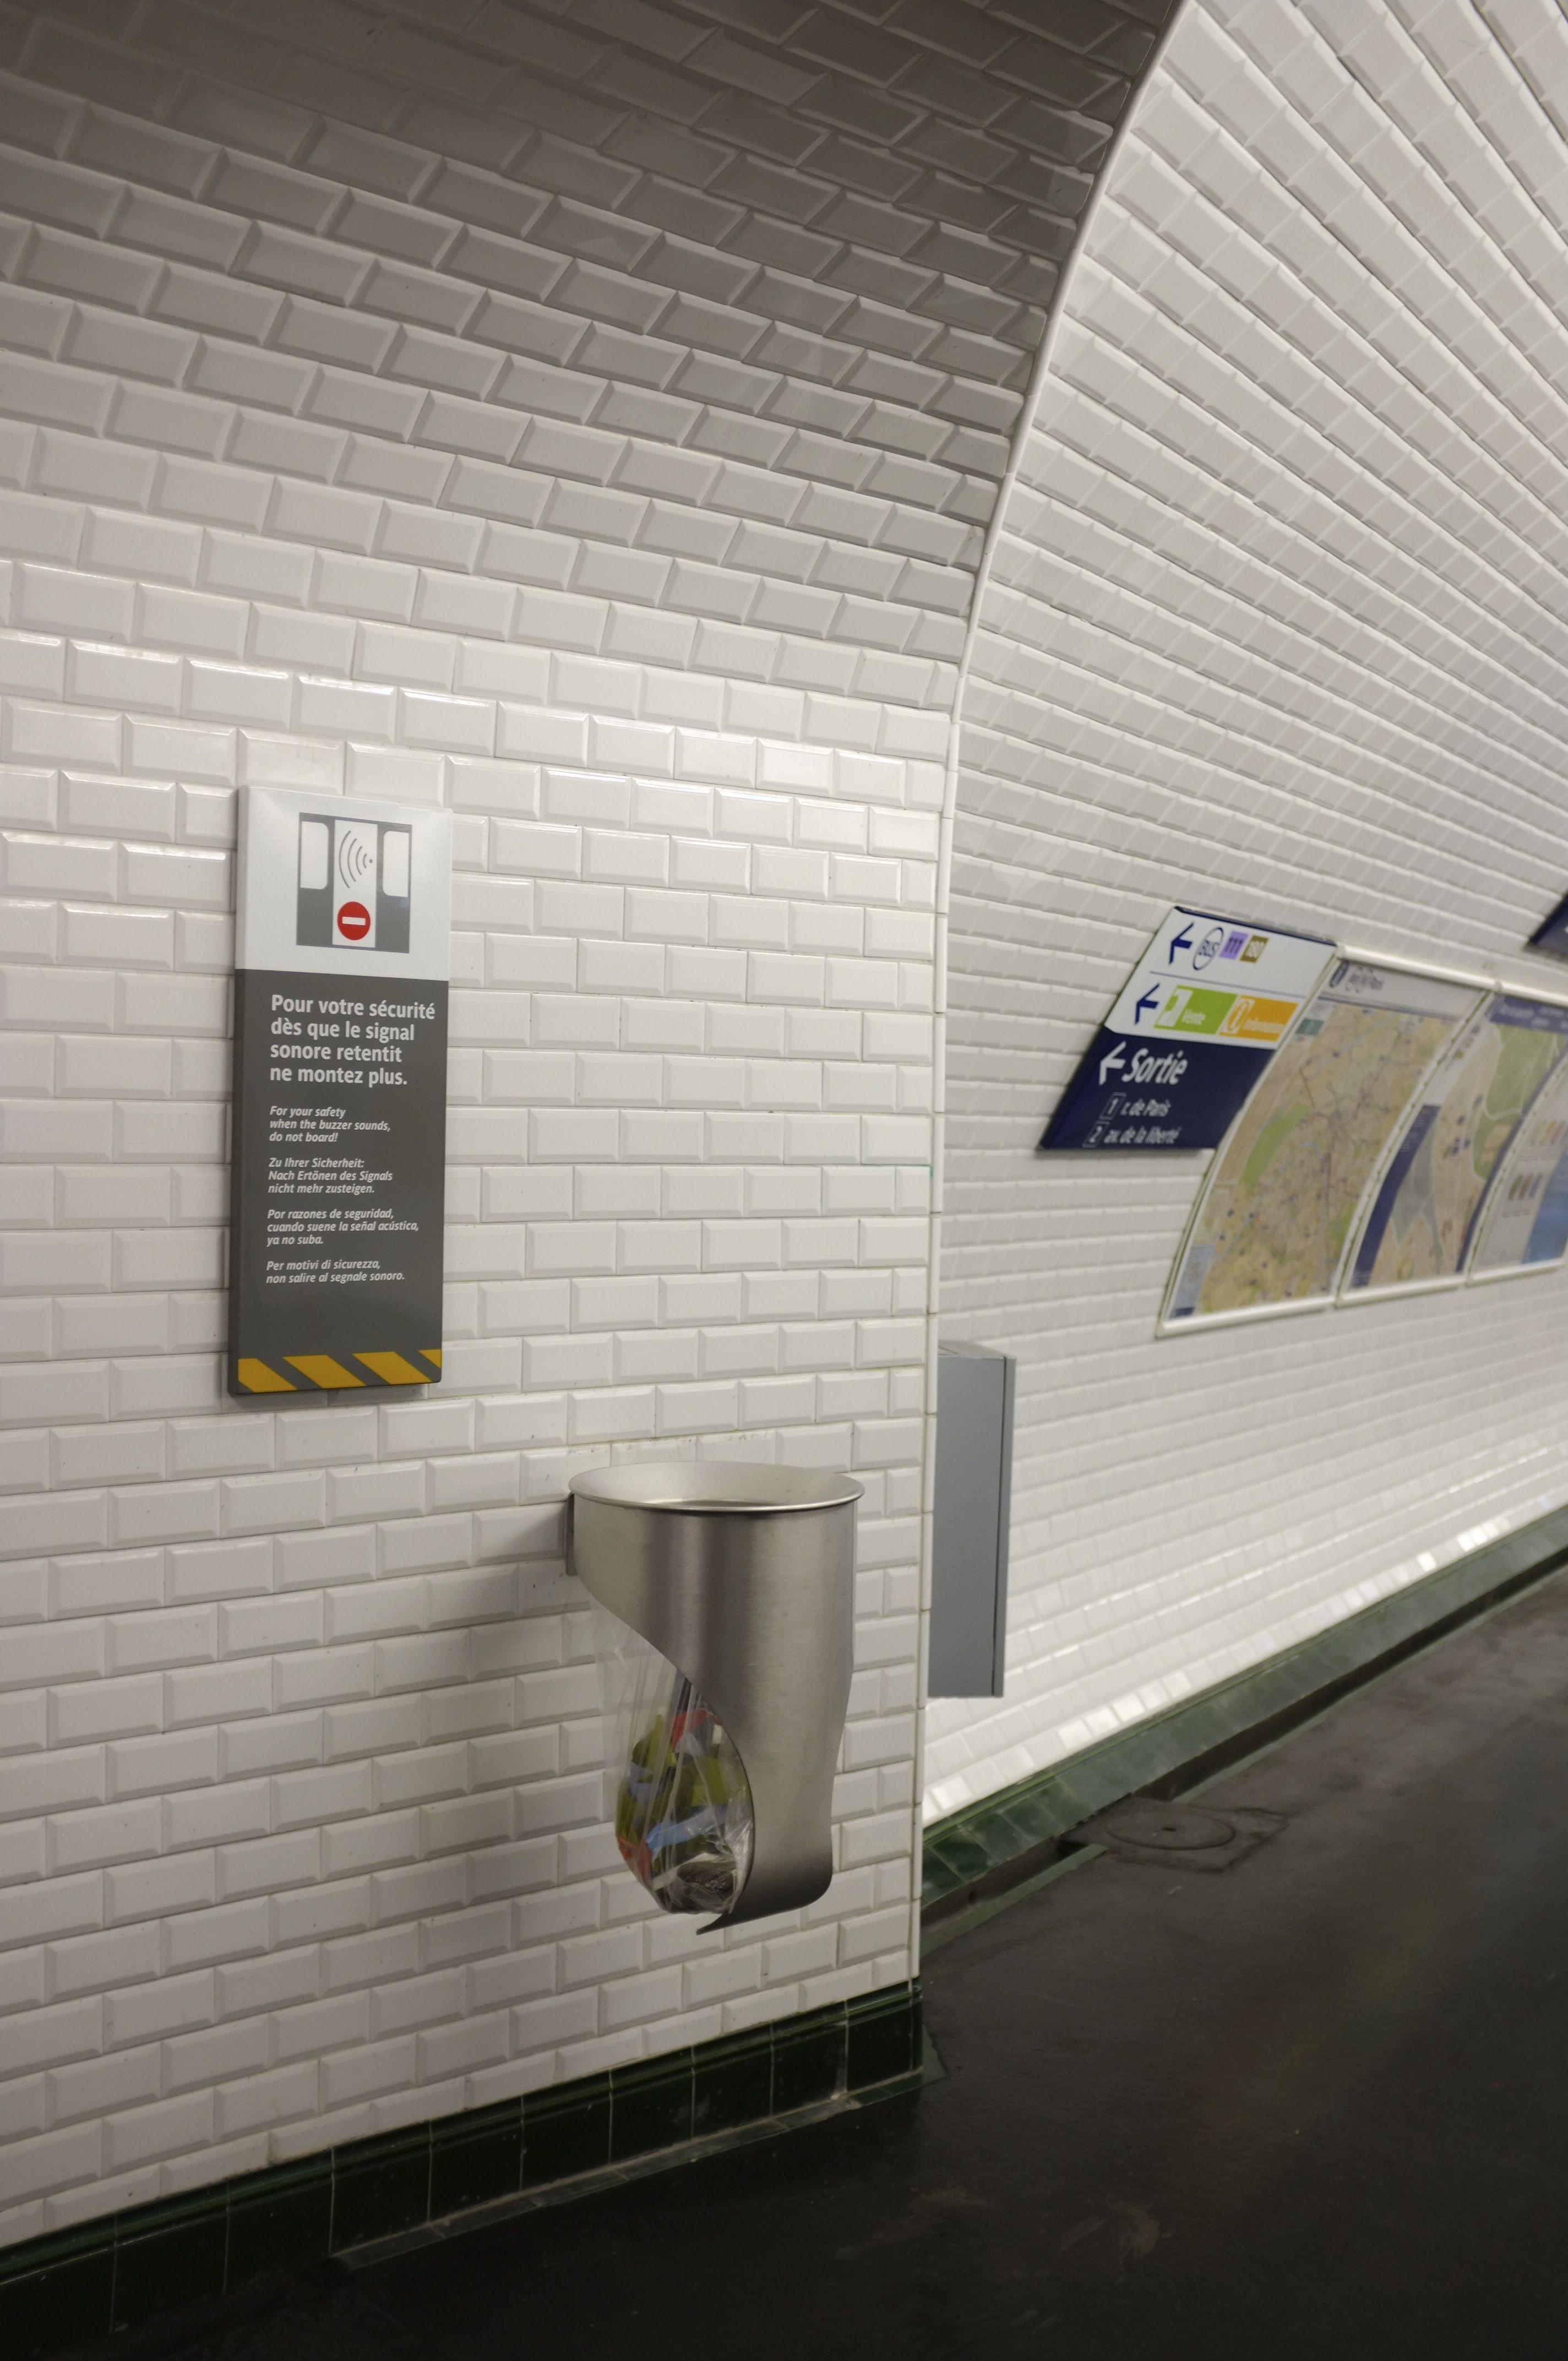 Plaque Metro Parisien Deco premiers exemplaires d'une nouvelle poubelle ratp pour le